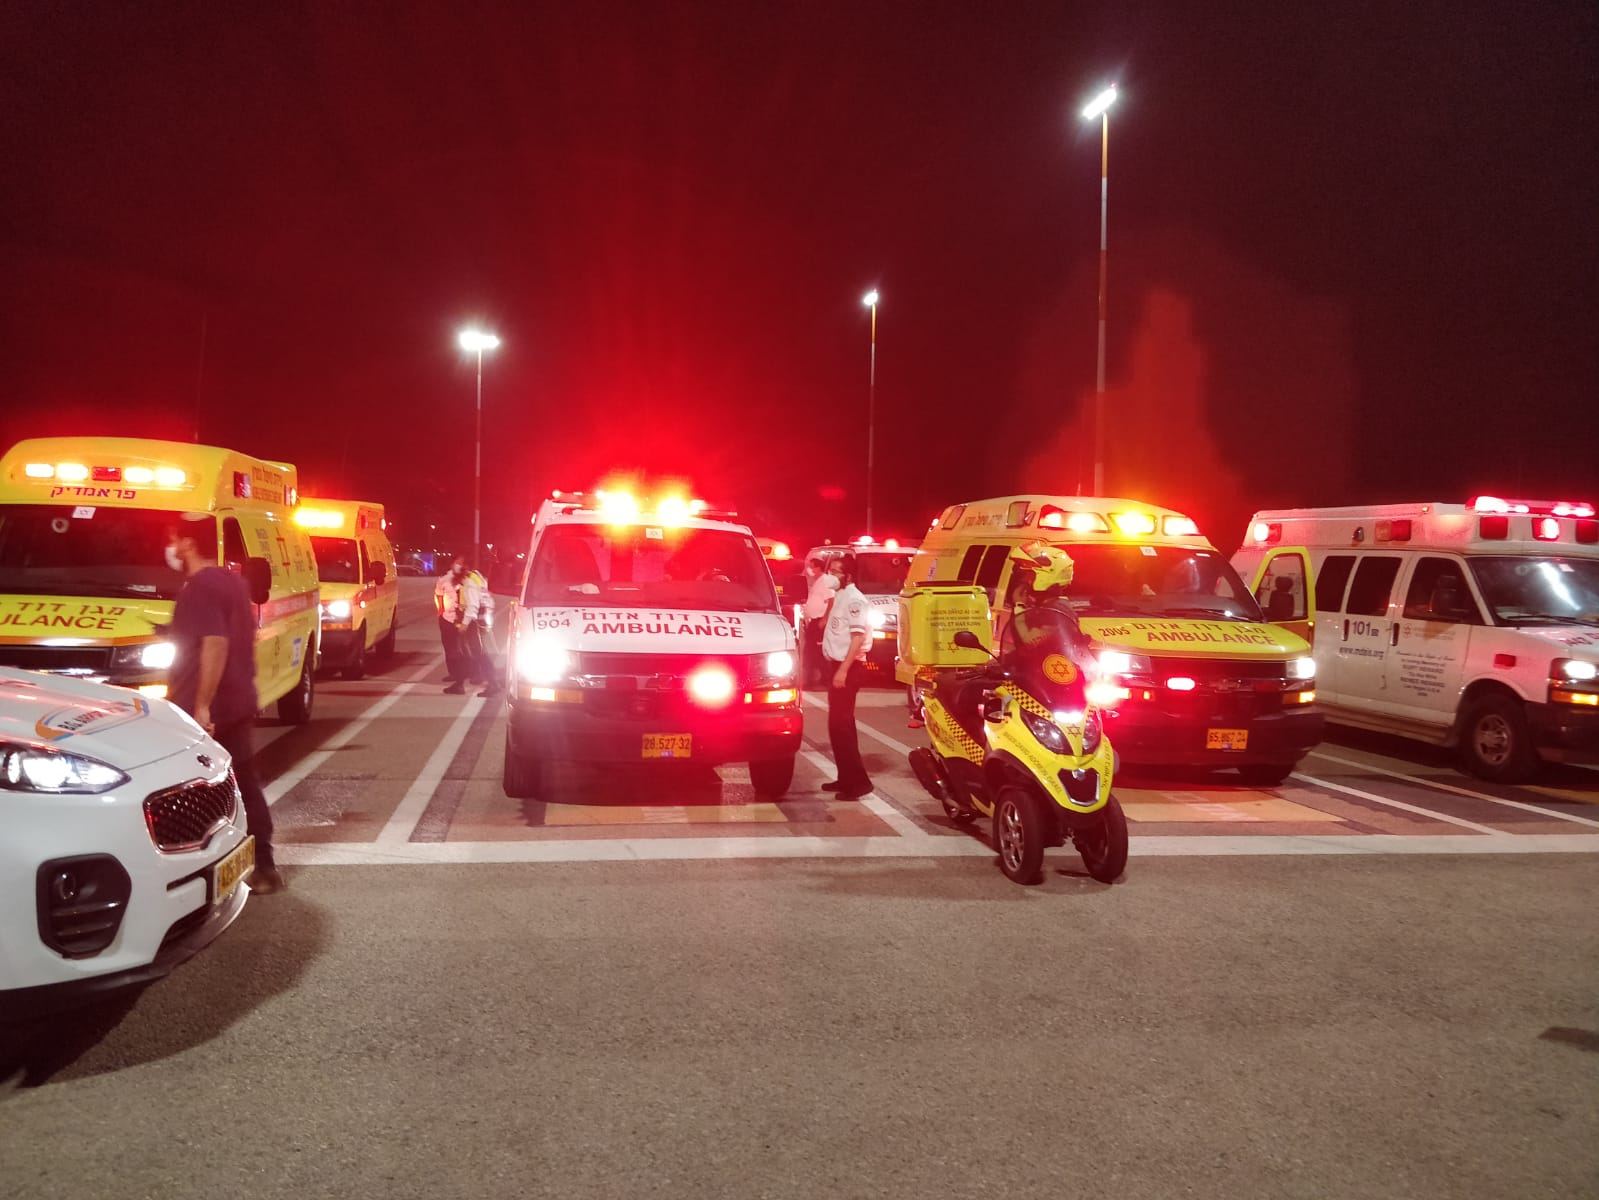 منتصف الليل.. إعلان حالة طوارئ بمطار بن غوريون إثر تعطل محرك طائرة